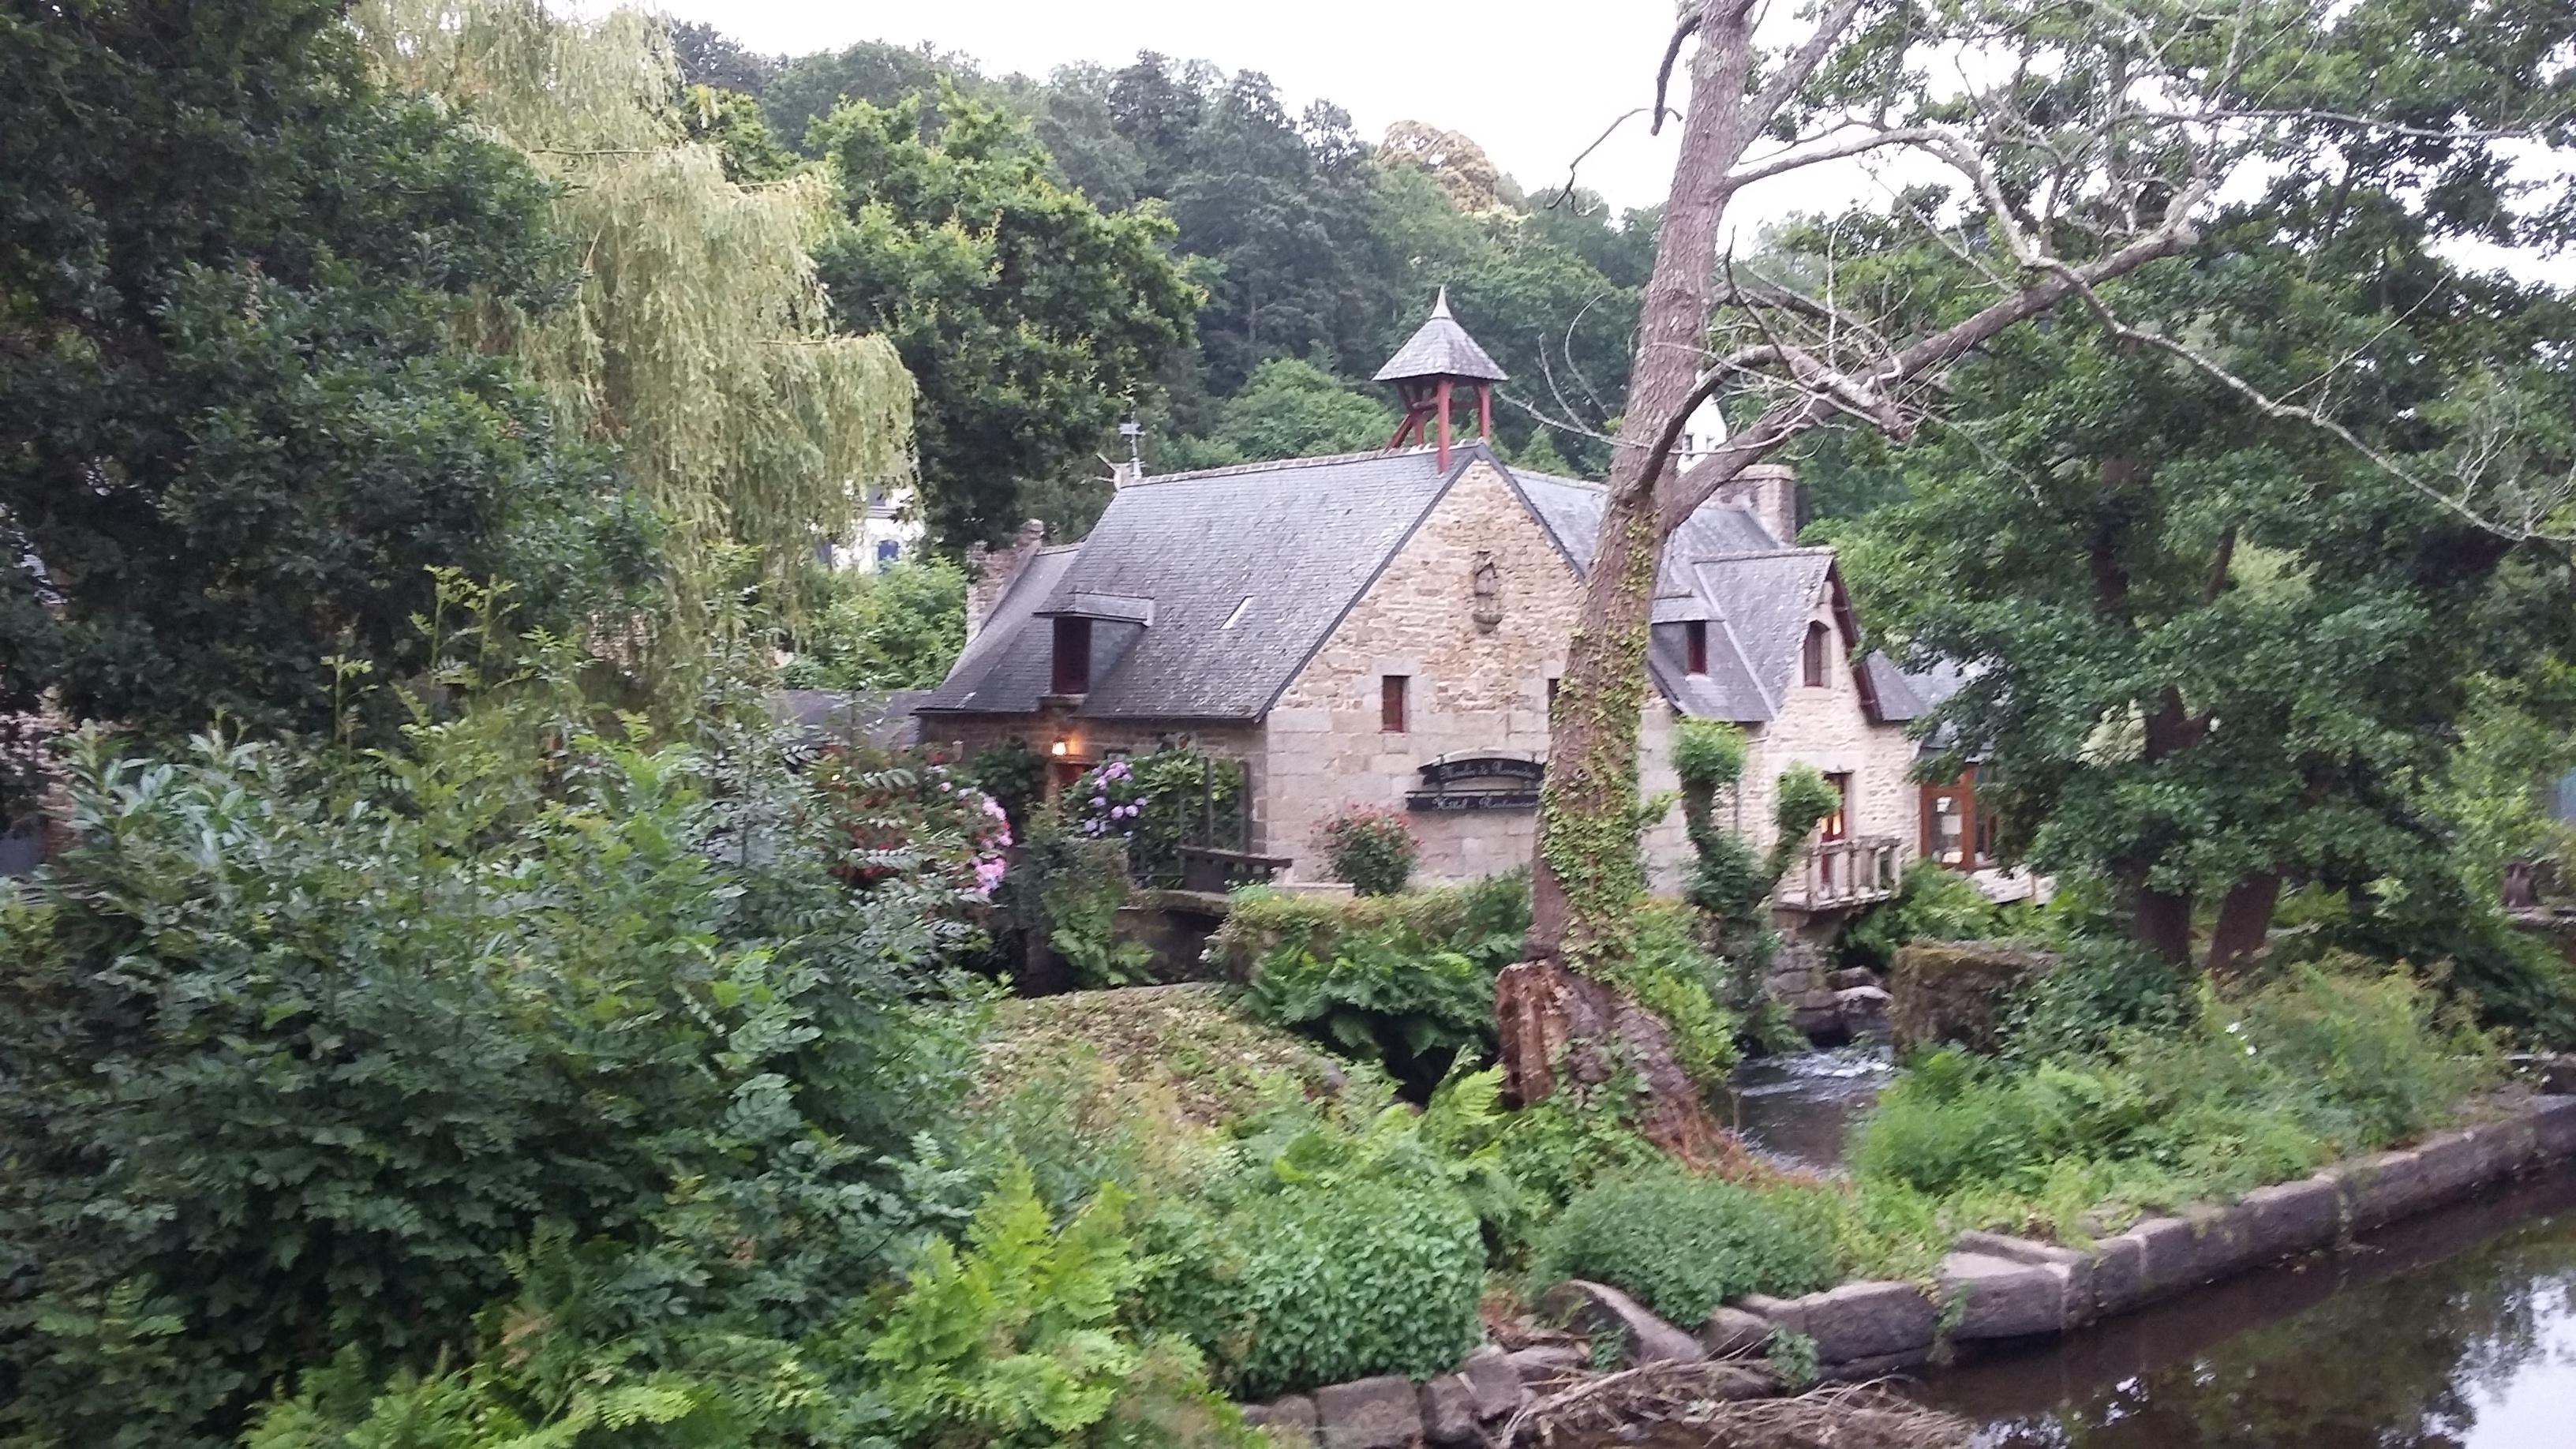 Moulin de Pont Aven